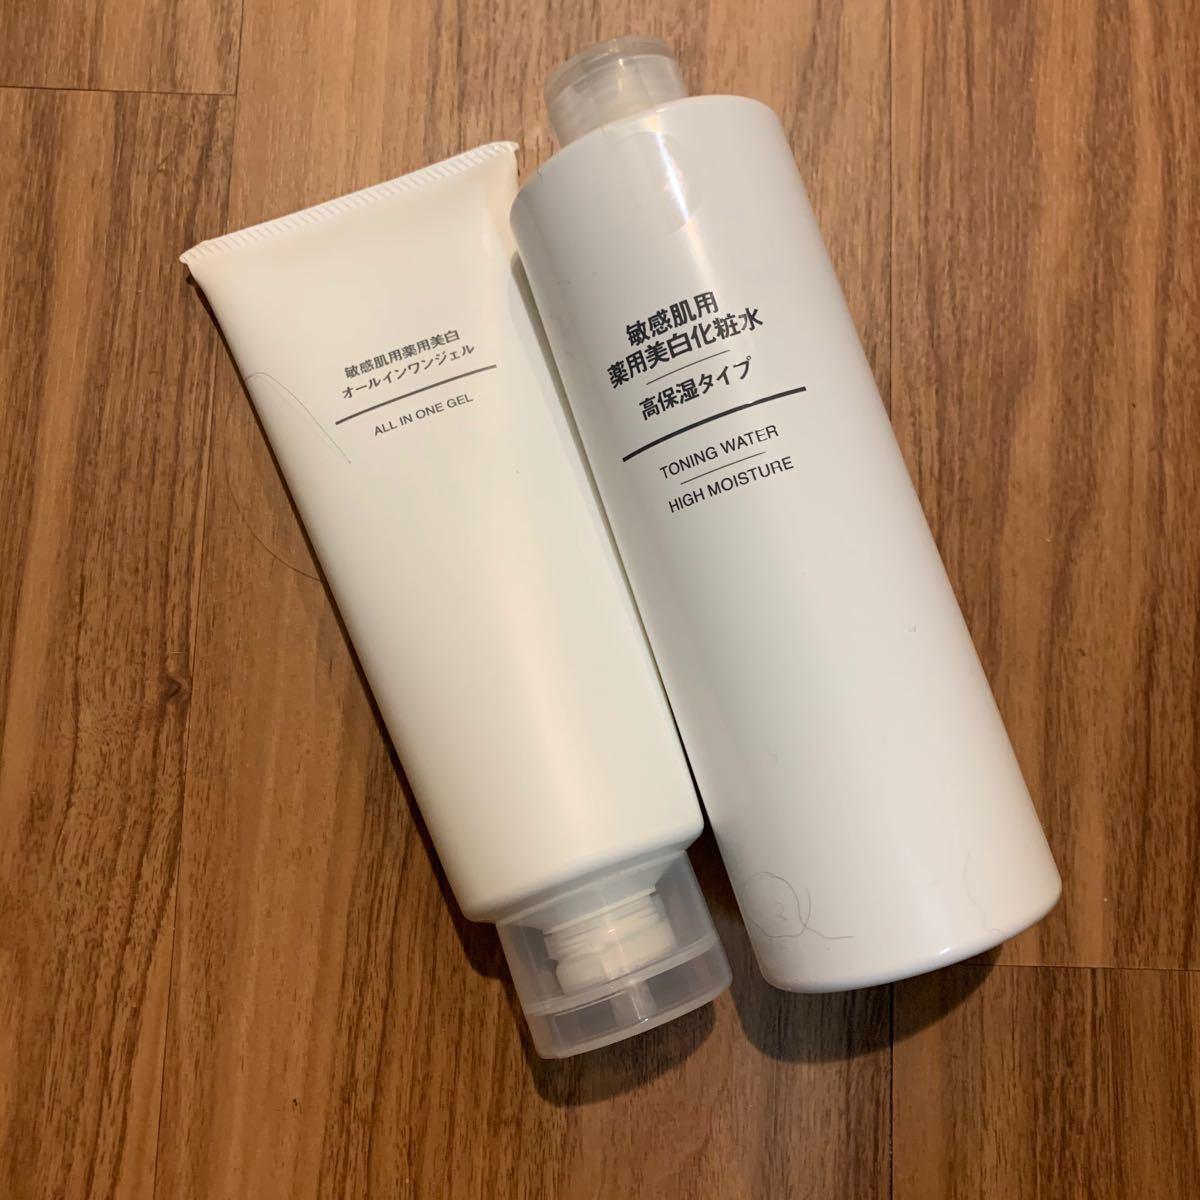 新品未使用 無印良品敏感肌用薬用美白化粧水高保温オールインワンジェル